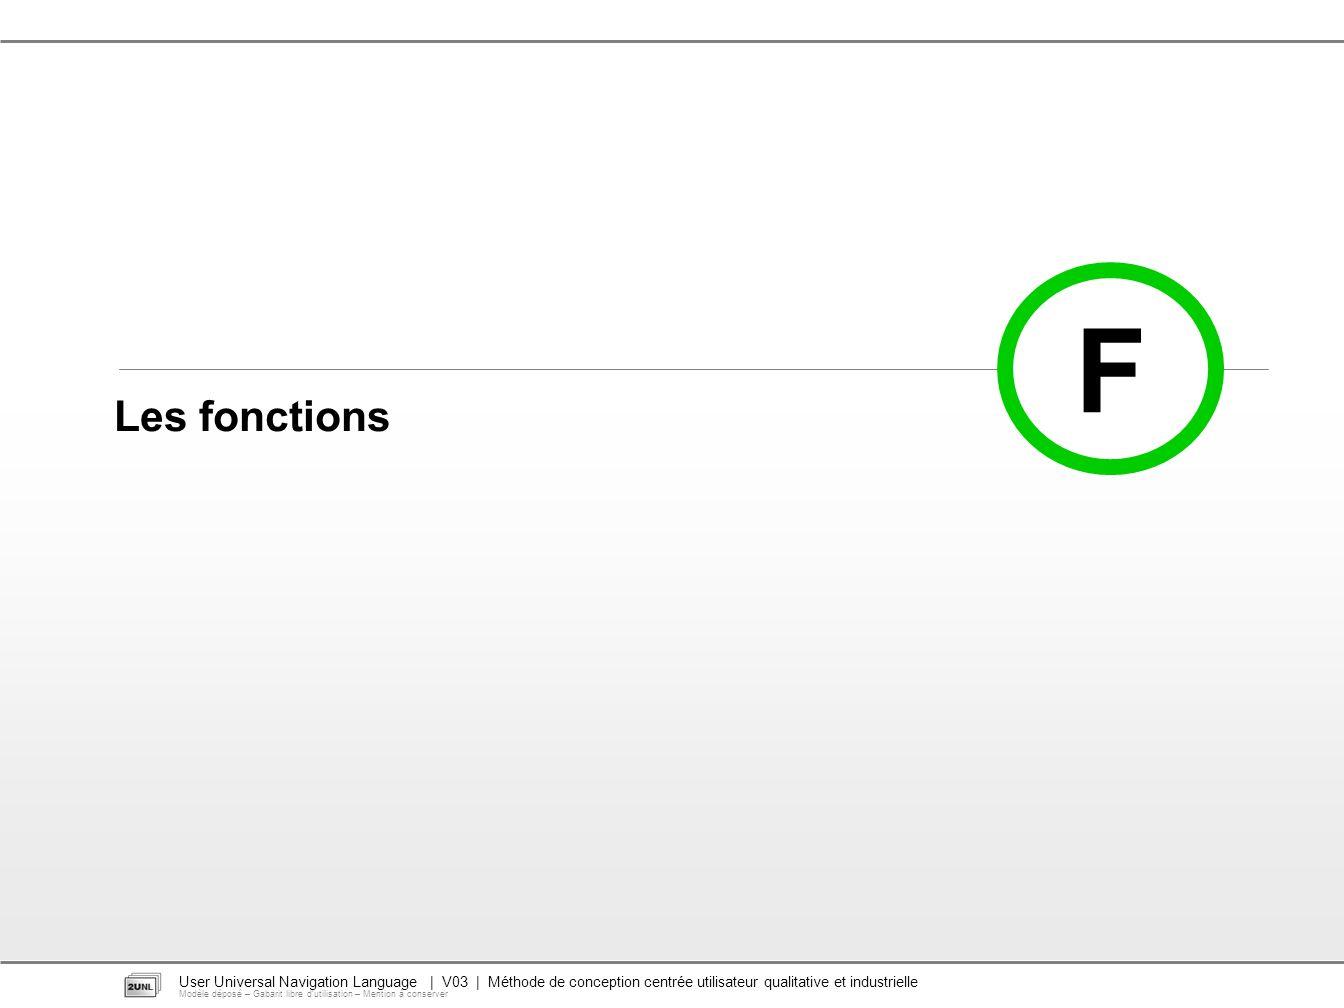 User Universal Navigation Language | V03 | Méthode de conception centrée utilisateur qualitative et industrielle Modèle déposé – Gabarit libre dutilis